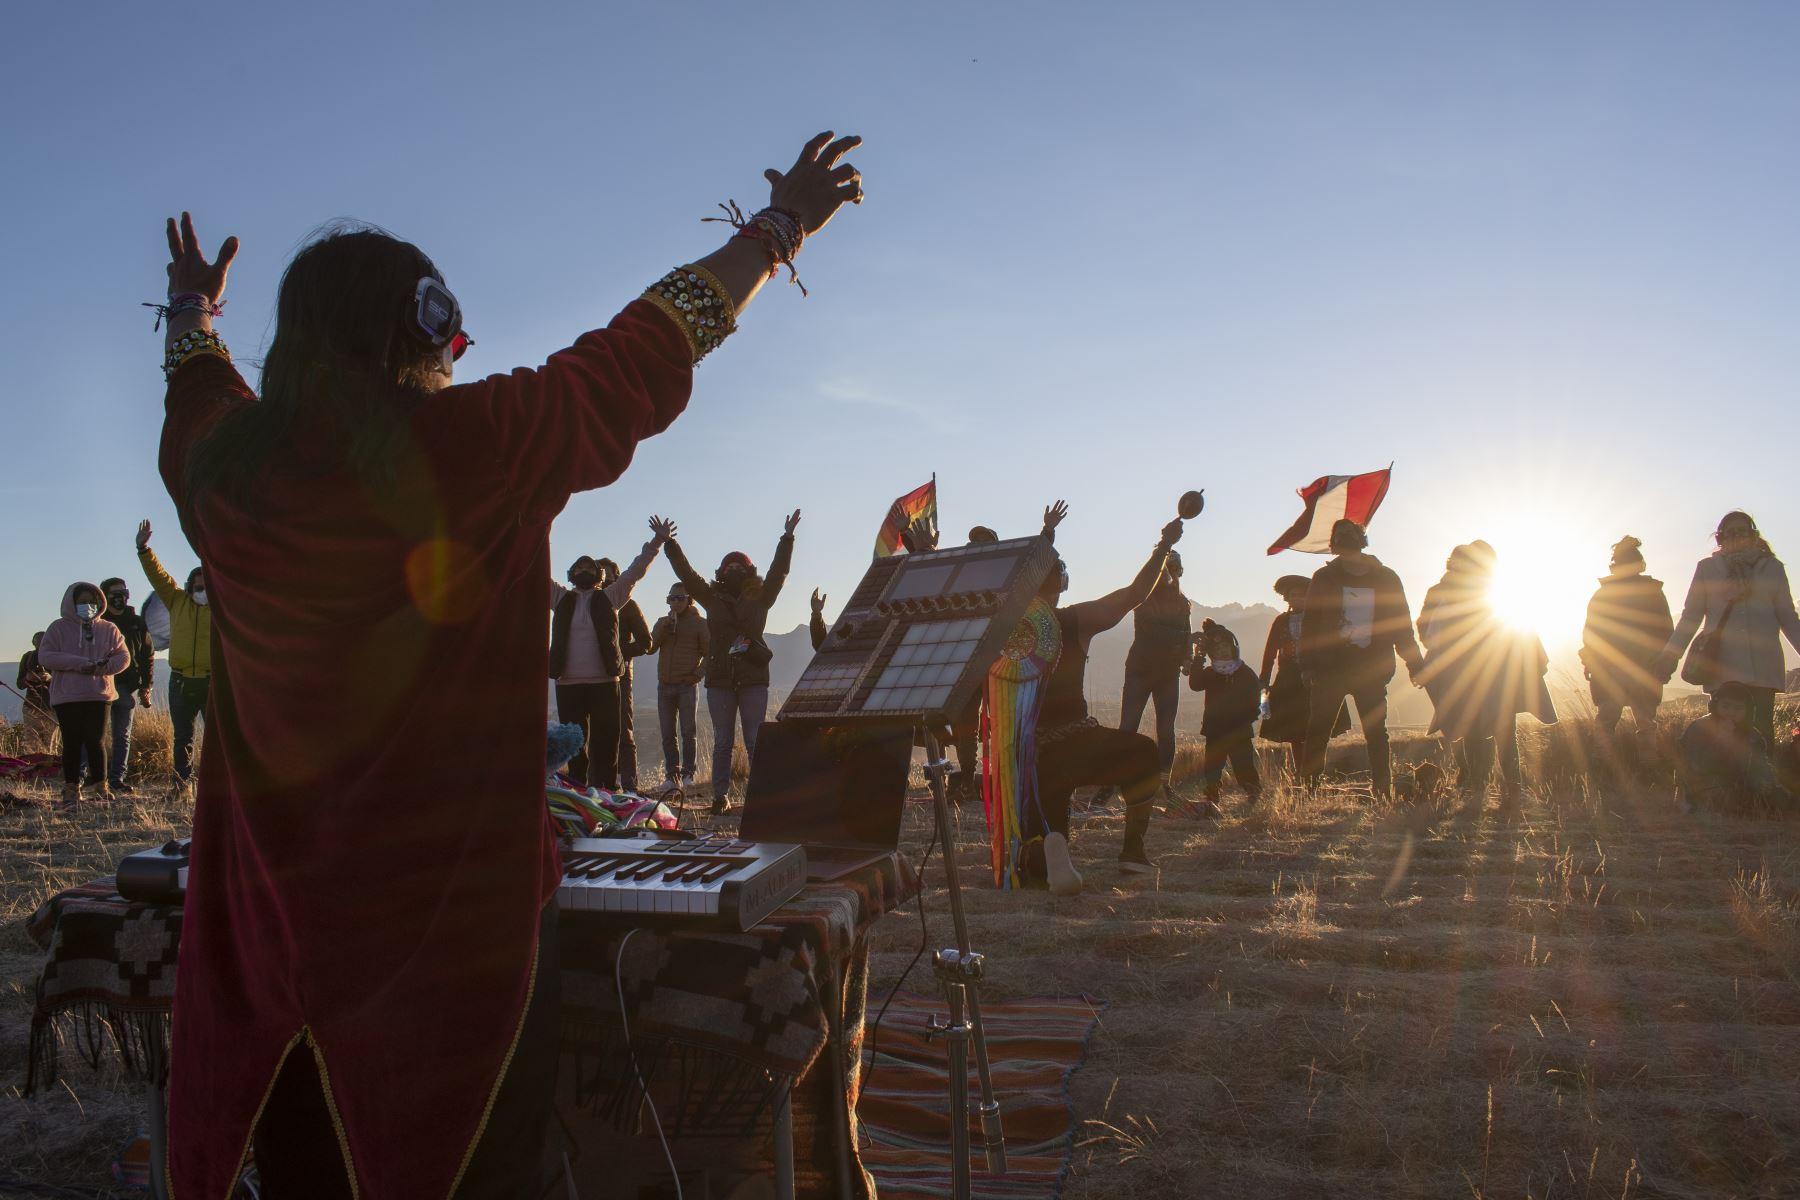 Los conciertos silenciosos de Tayta Bird ofrecen una experiencia de conexión entre los músicos, su público y el entorno natural en las alturas de Cusco, Perú. Foto: Sharon Castellanos, con el apoyo del Fondo de emergencia COVID-19 de The National Geographic Society